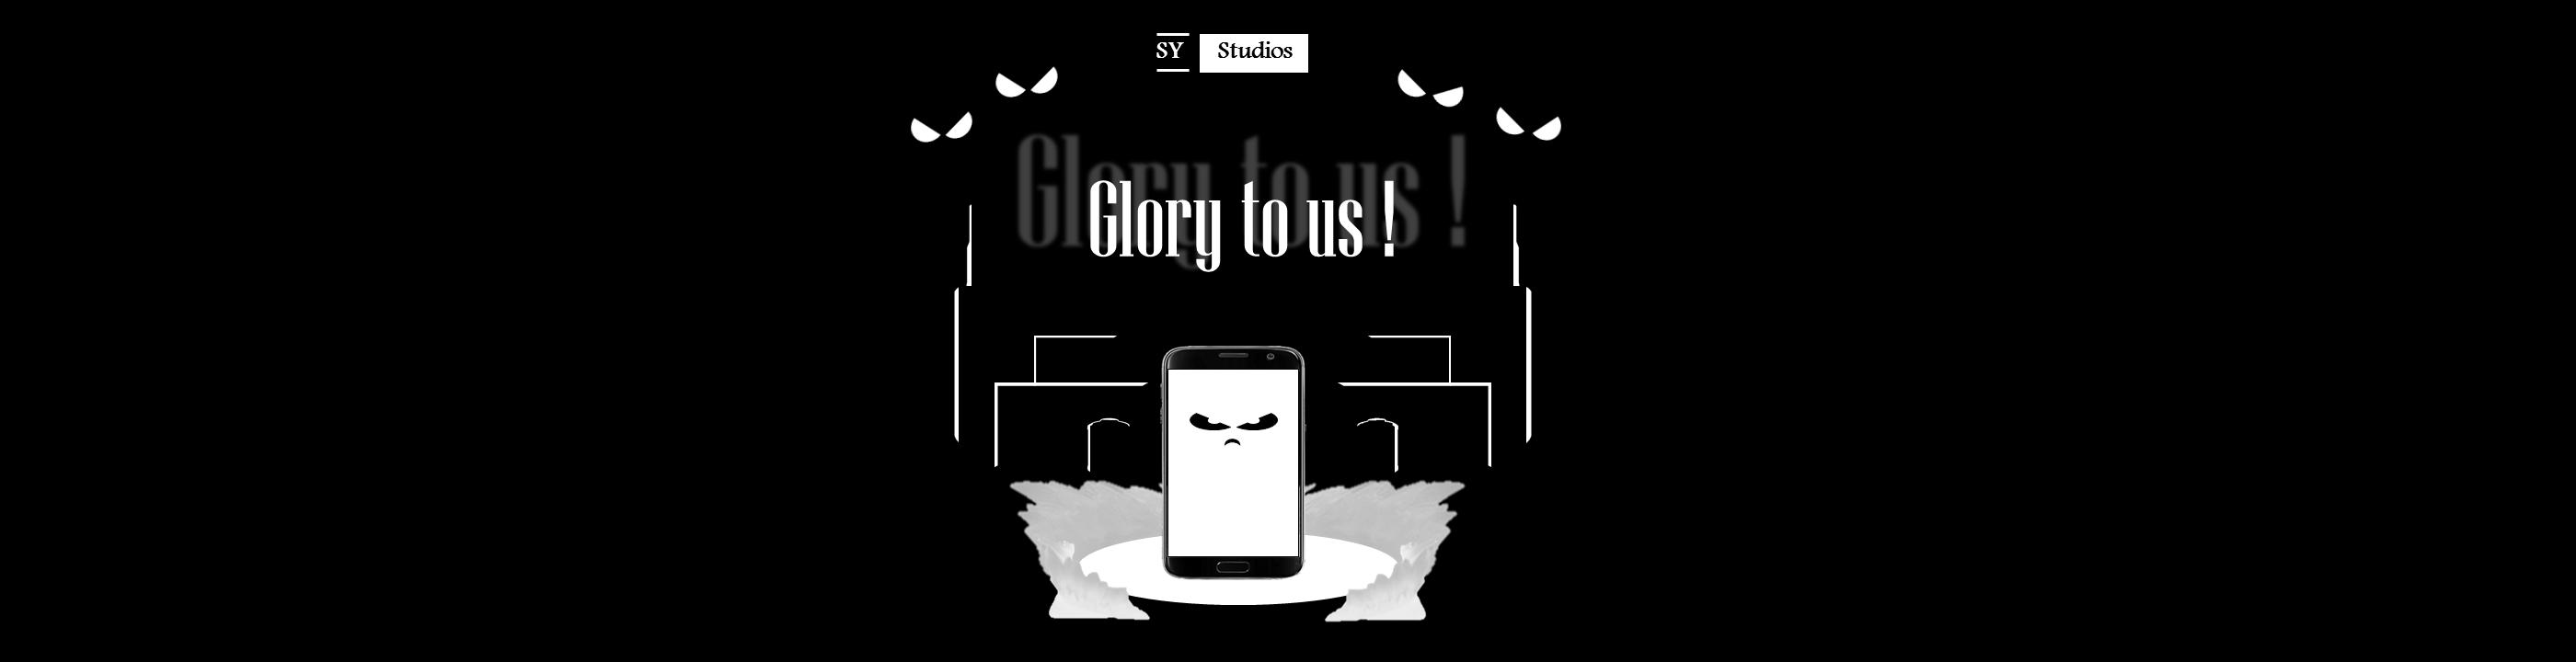 GLORY TO US!